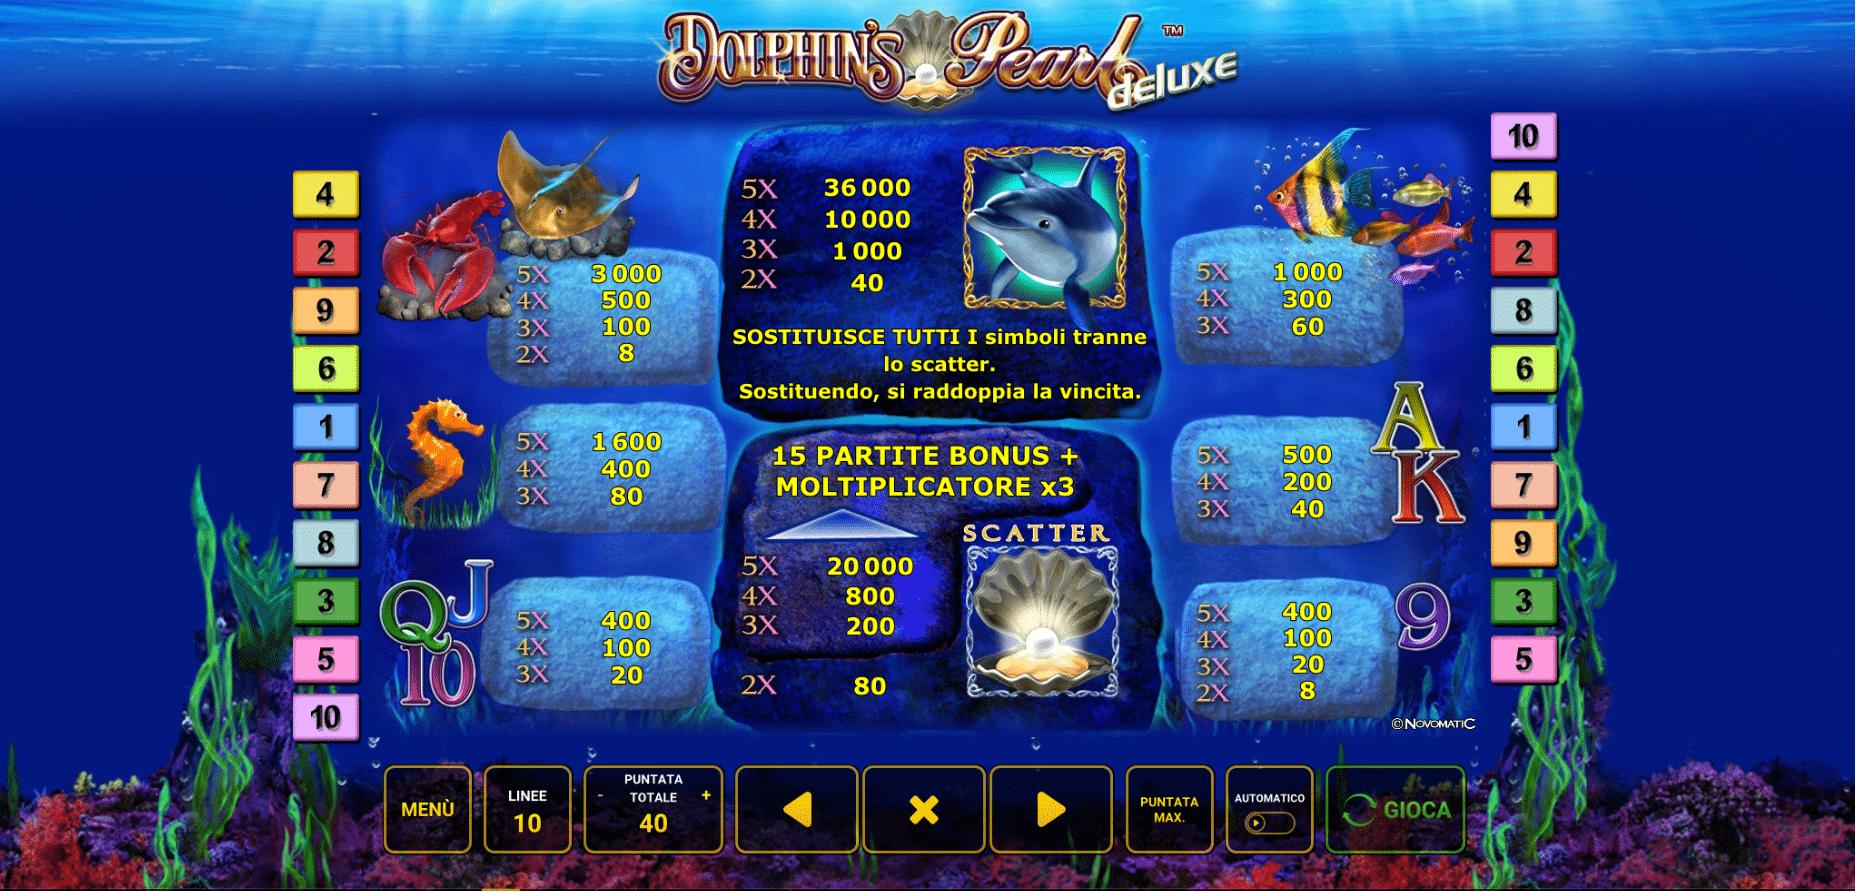 Simboli e combinazioni della slot Dolphin's Pearl Deluxe